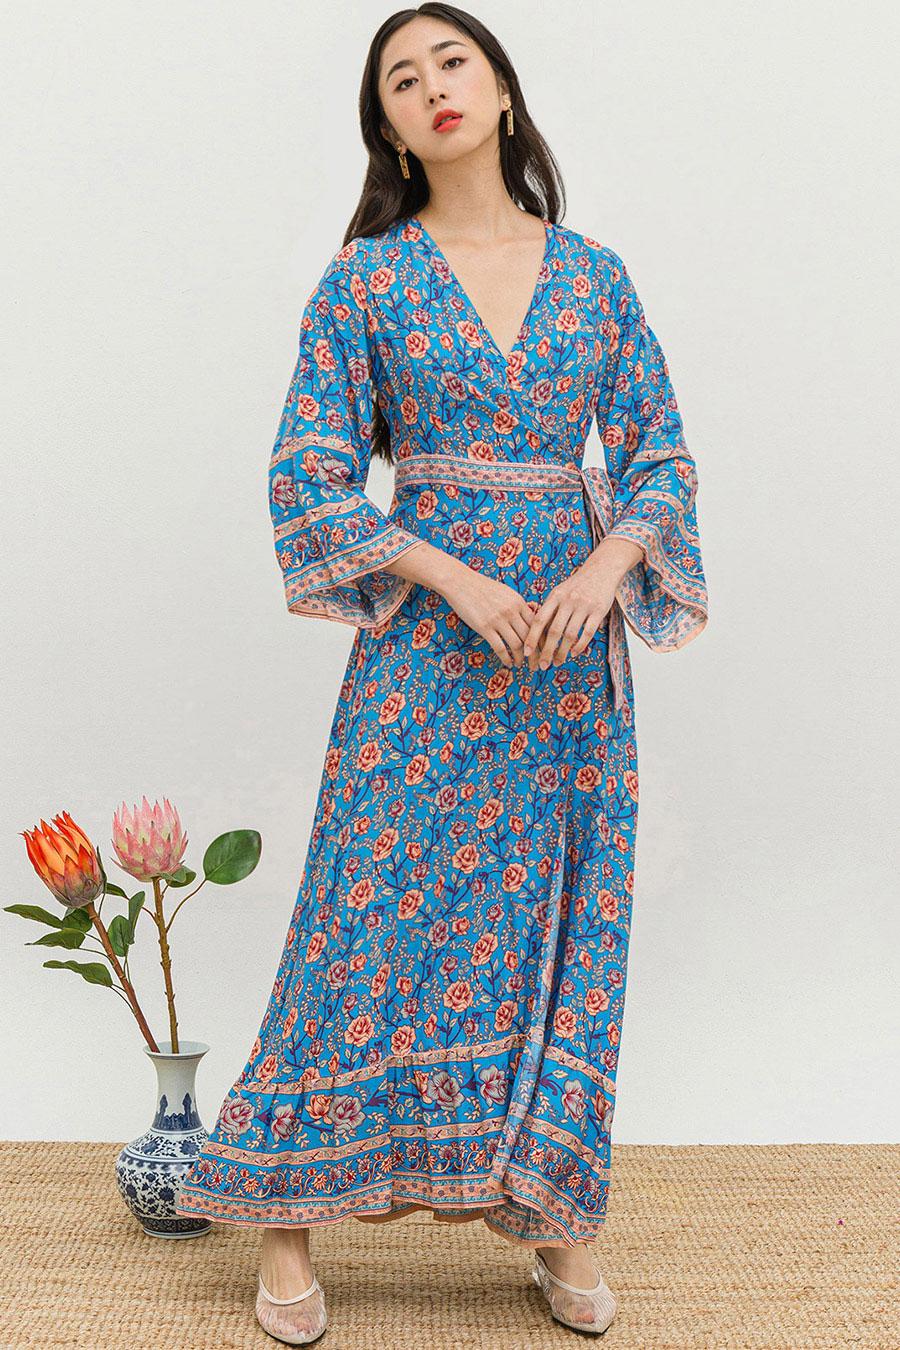 LINNEA DRESS - DENDROBIUM